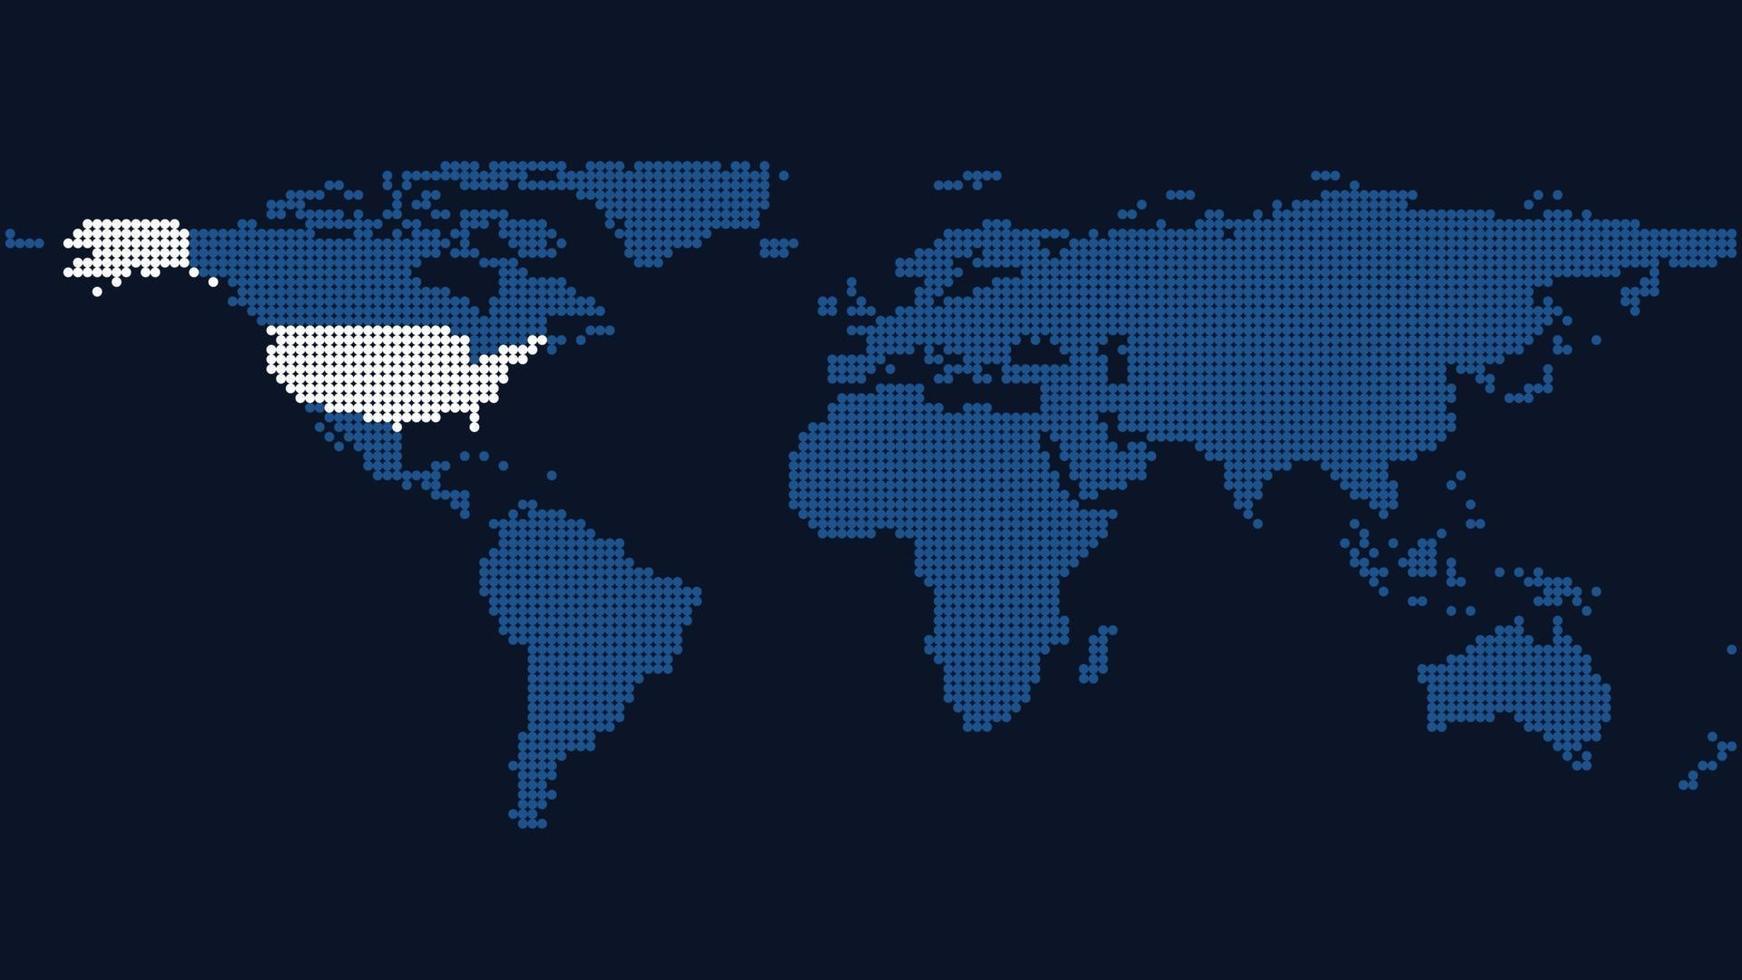 mapa mundial de círculos com os EUA em destaque vetor